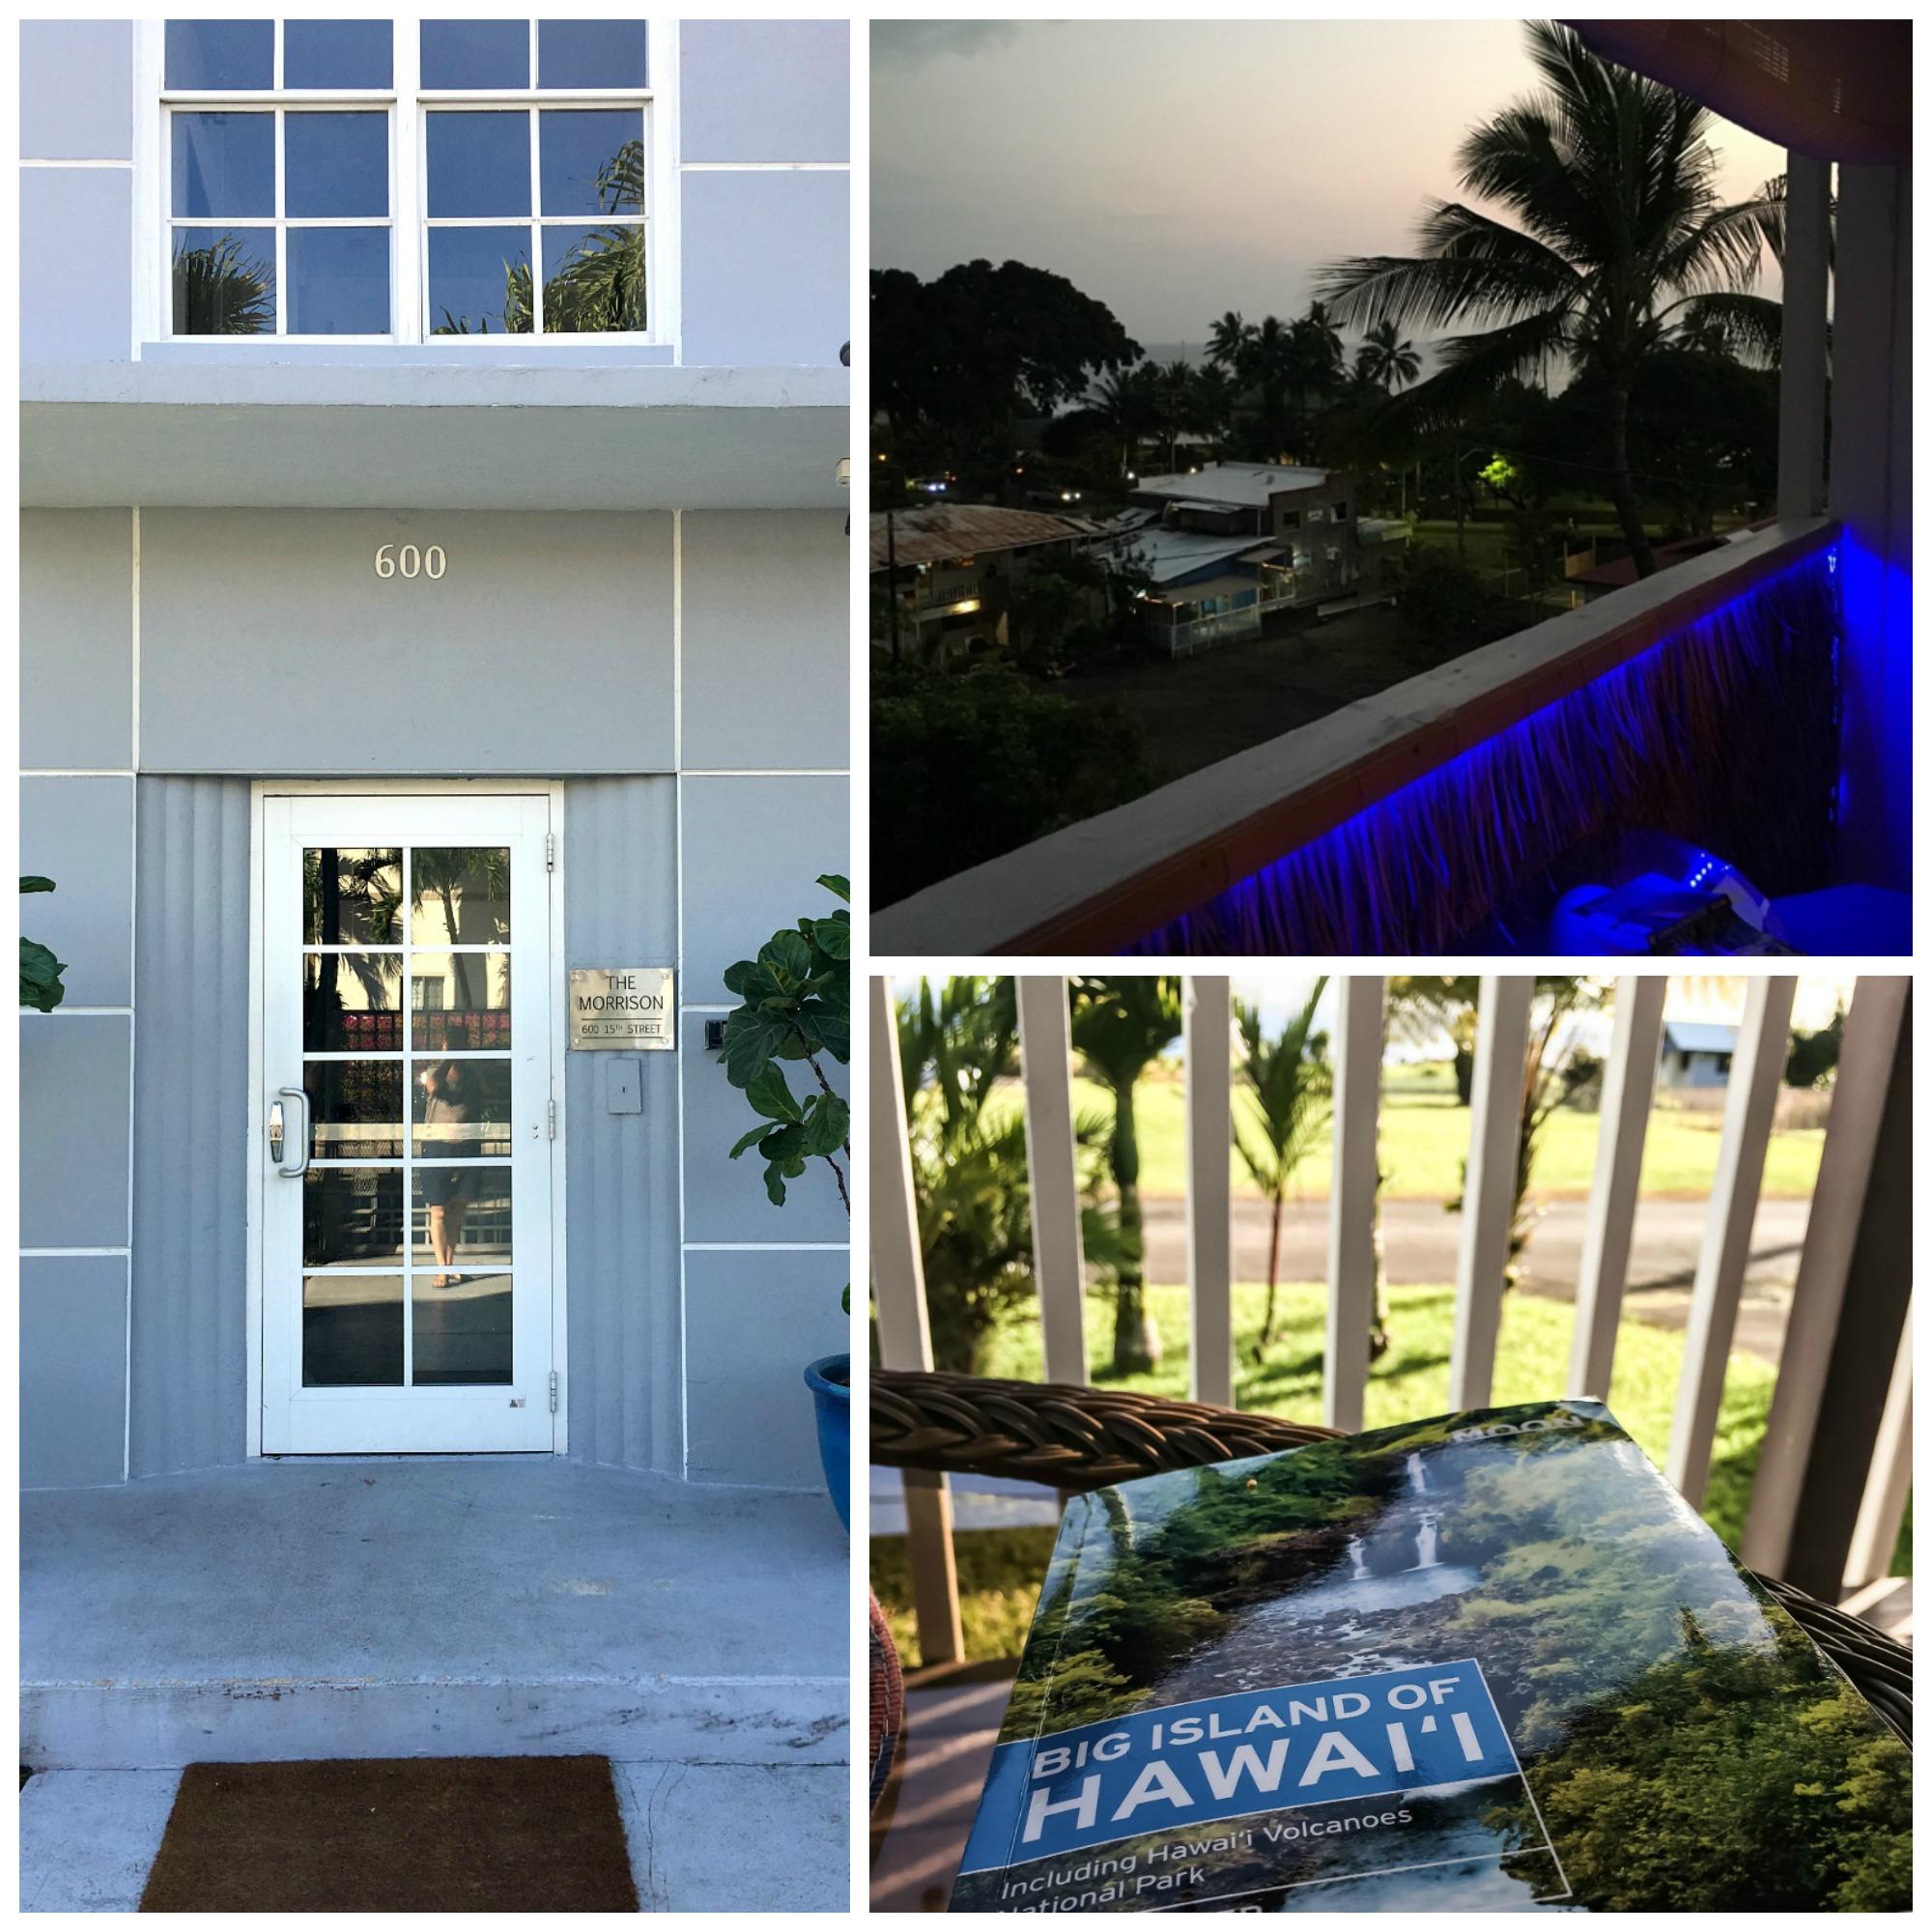 Airbnb homes in Miami Beach, Kono and Hilo.